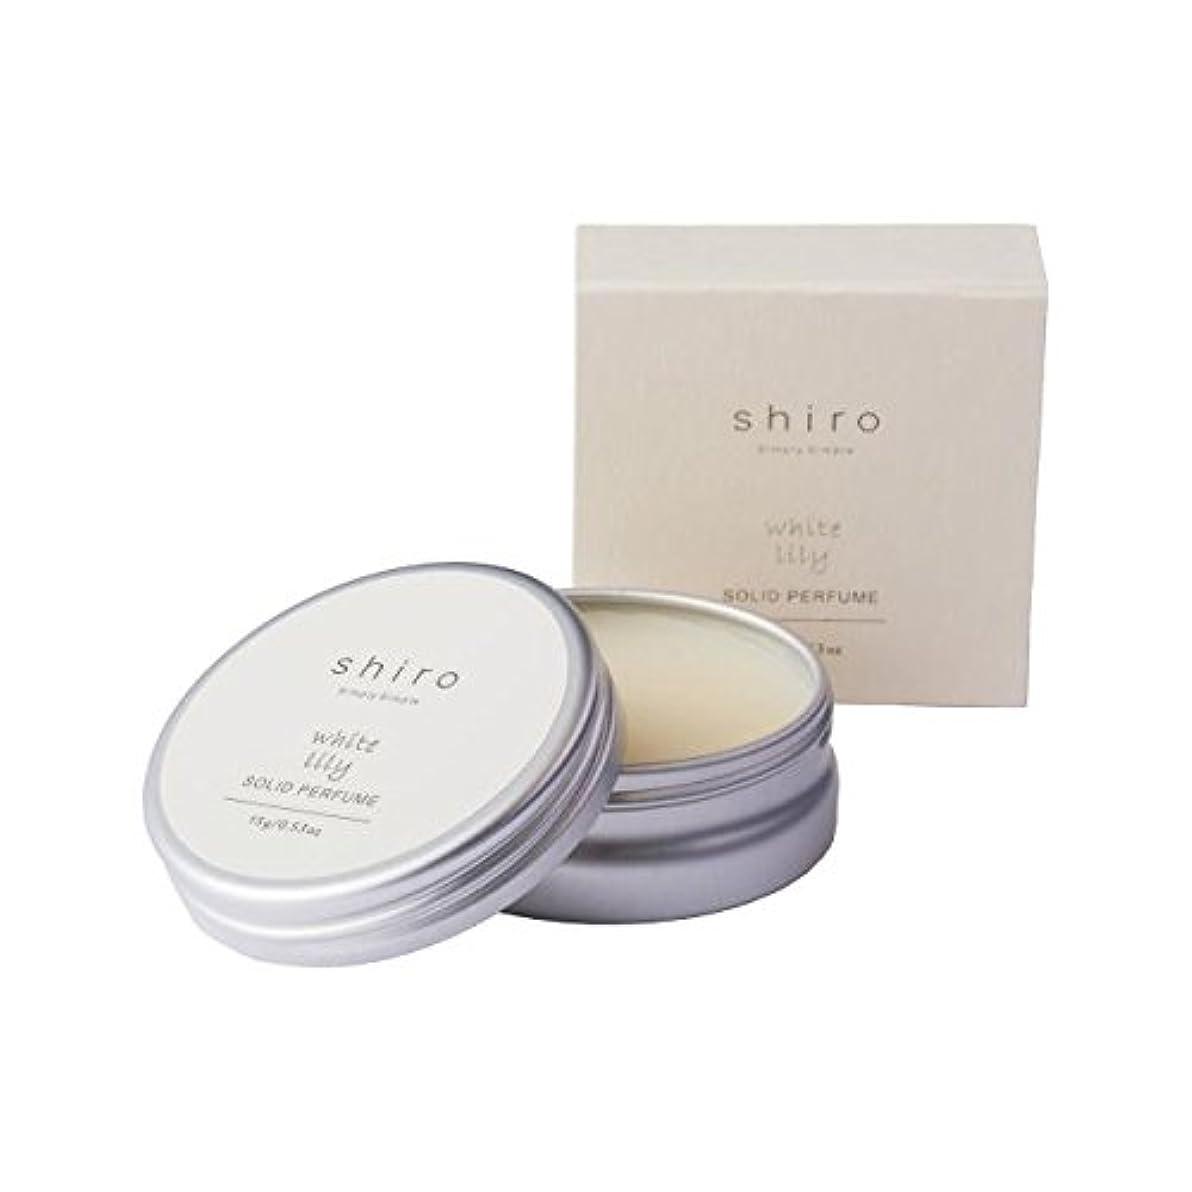 旅行雨の閃光shiro ホワイトリリー シャンプーのような香り すっきりと清潔感 練り香水 シロ 固形タイプ フレグランス 保湿成分 指先の保湿ケア